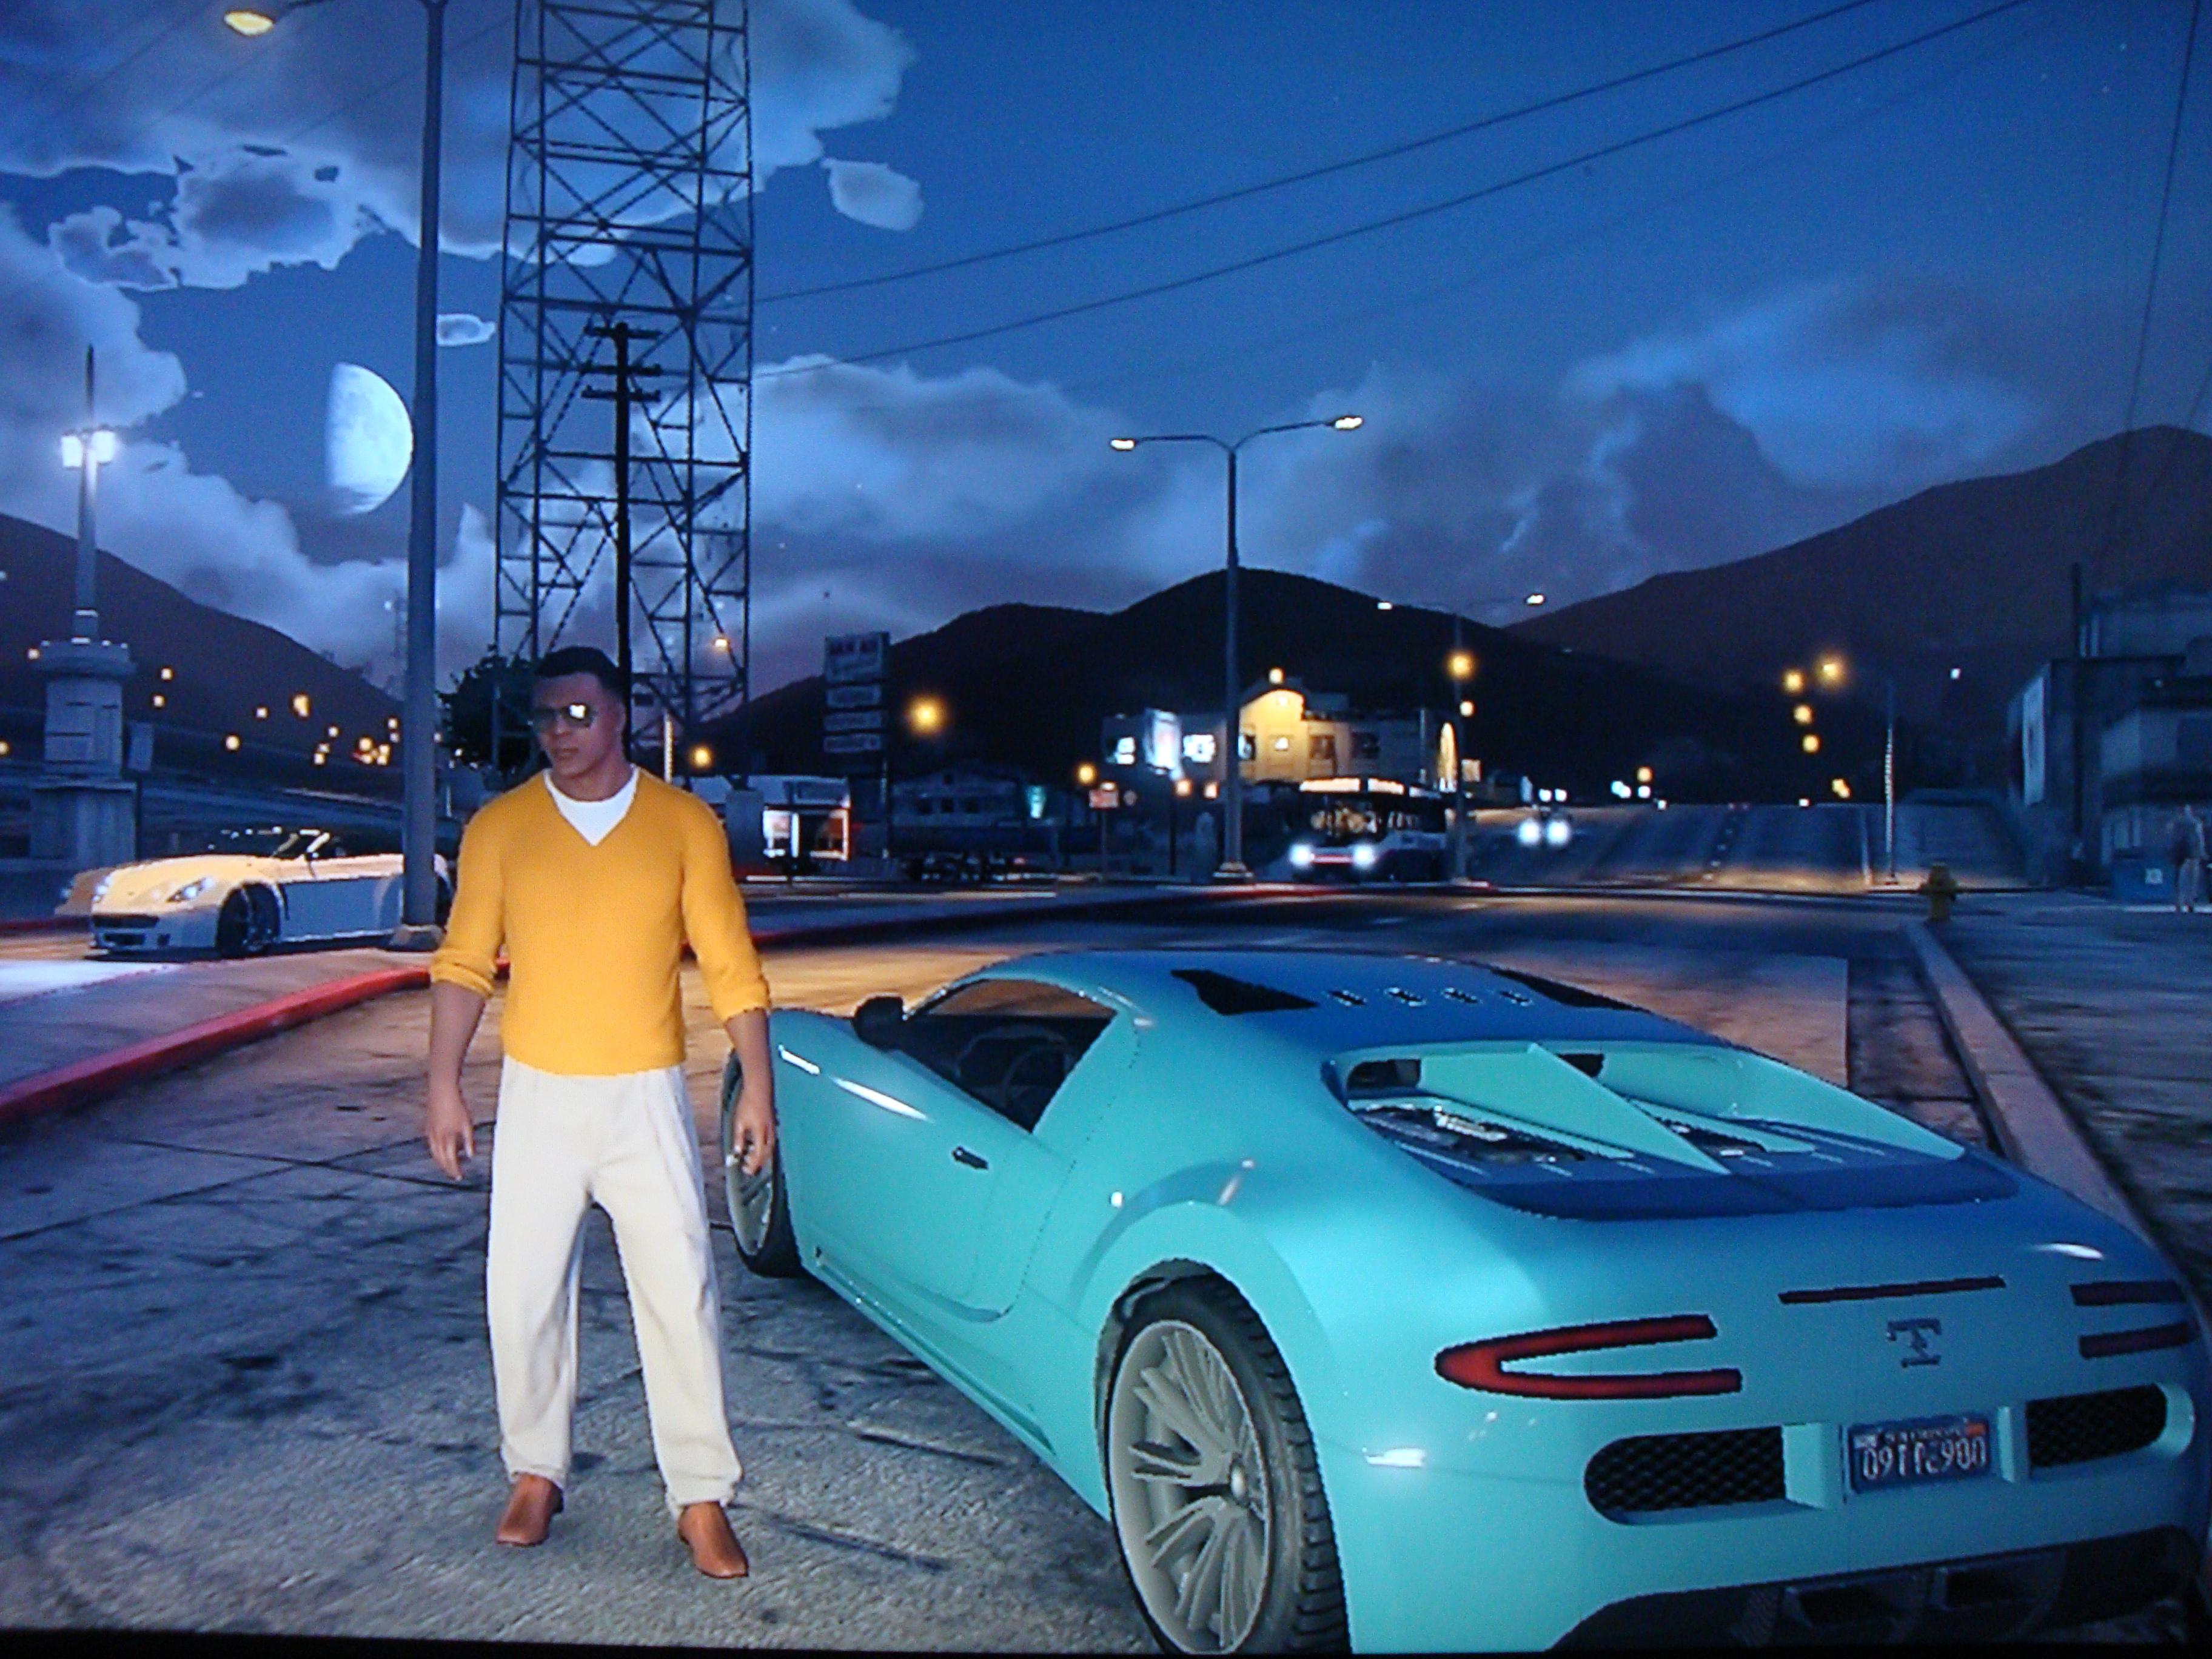 Фризус Клизус - Grand Theft Auto 5